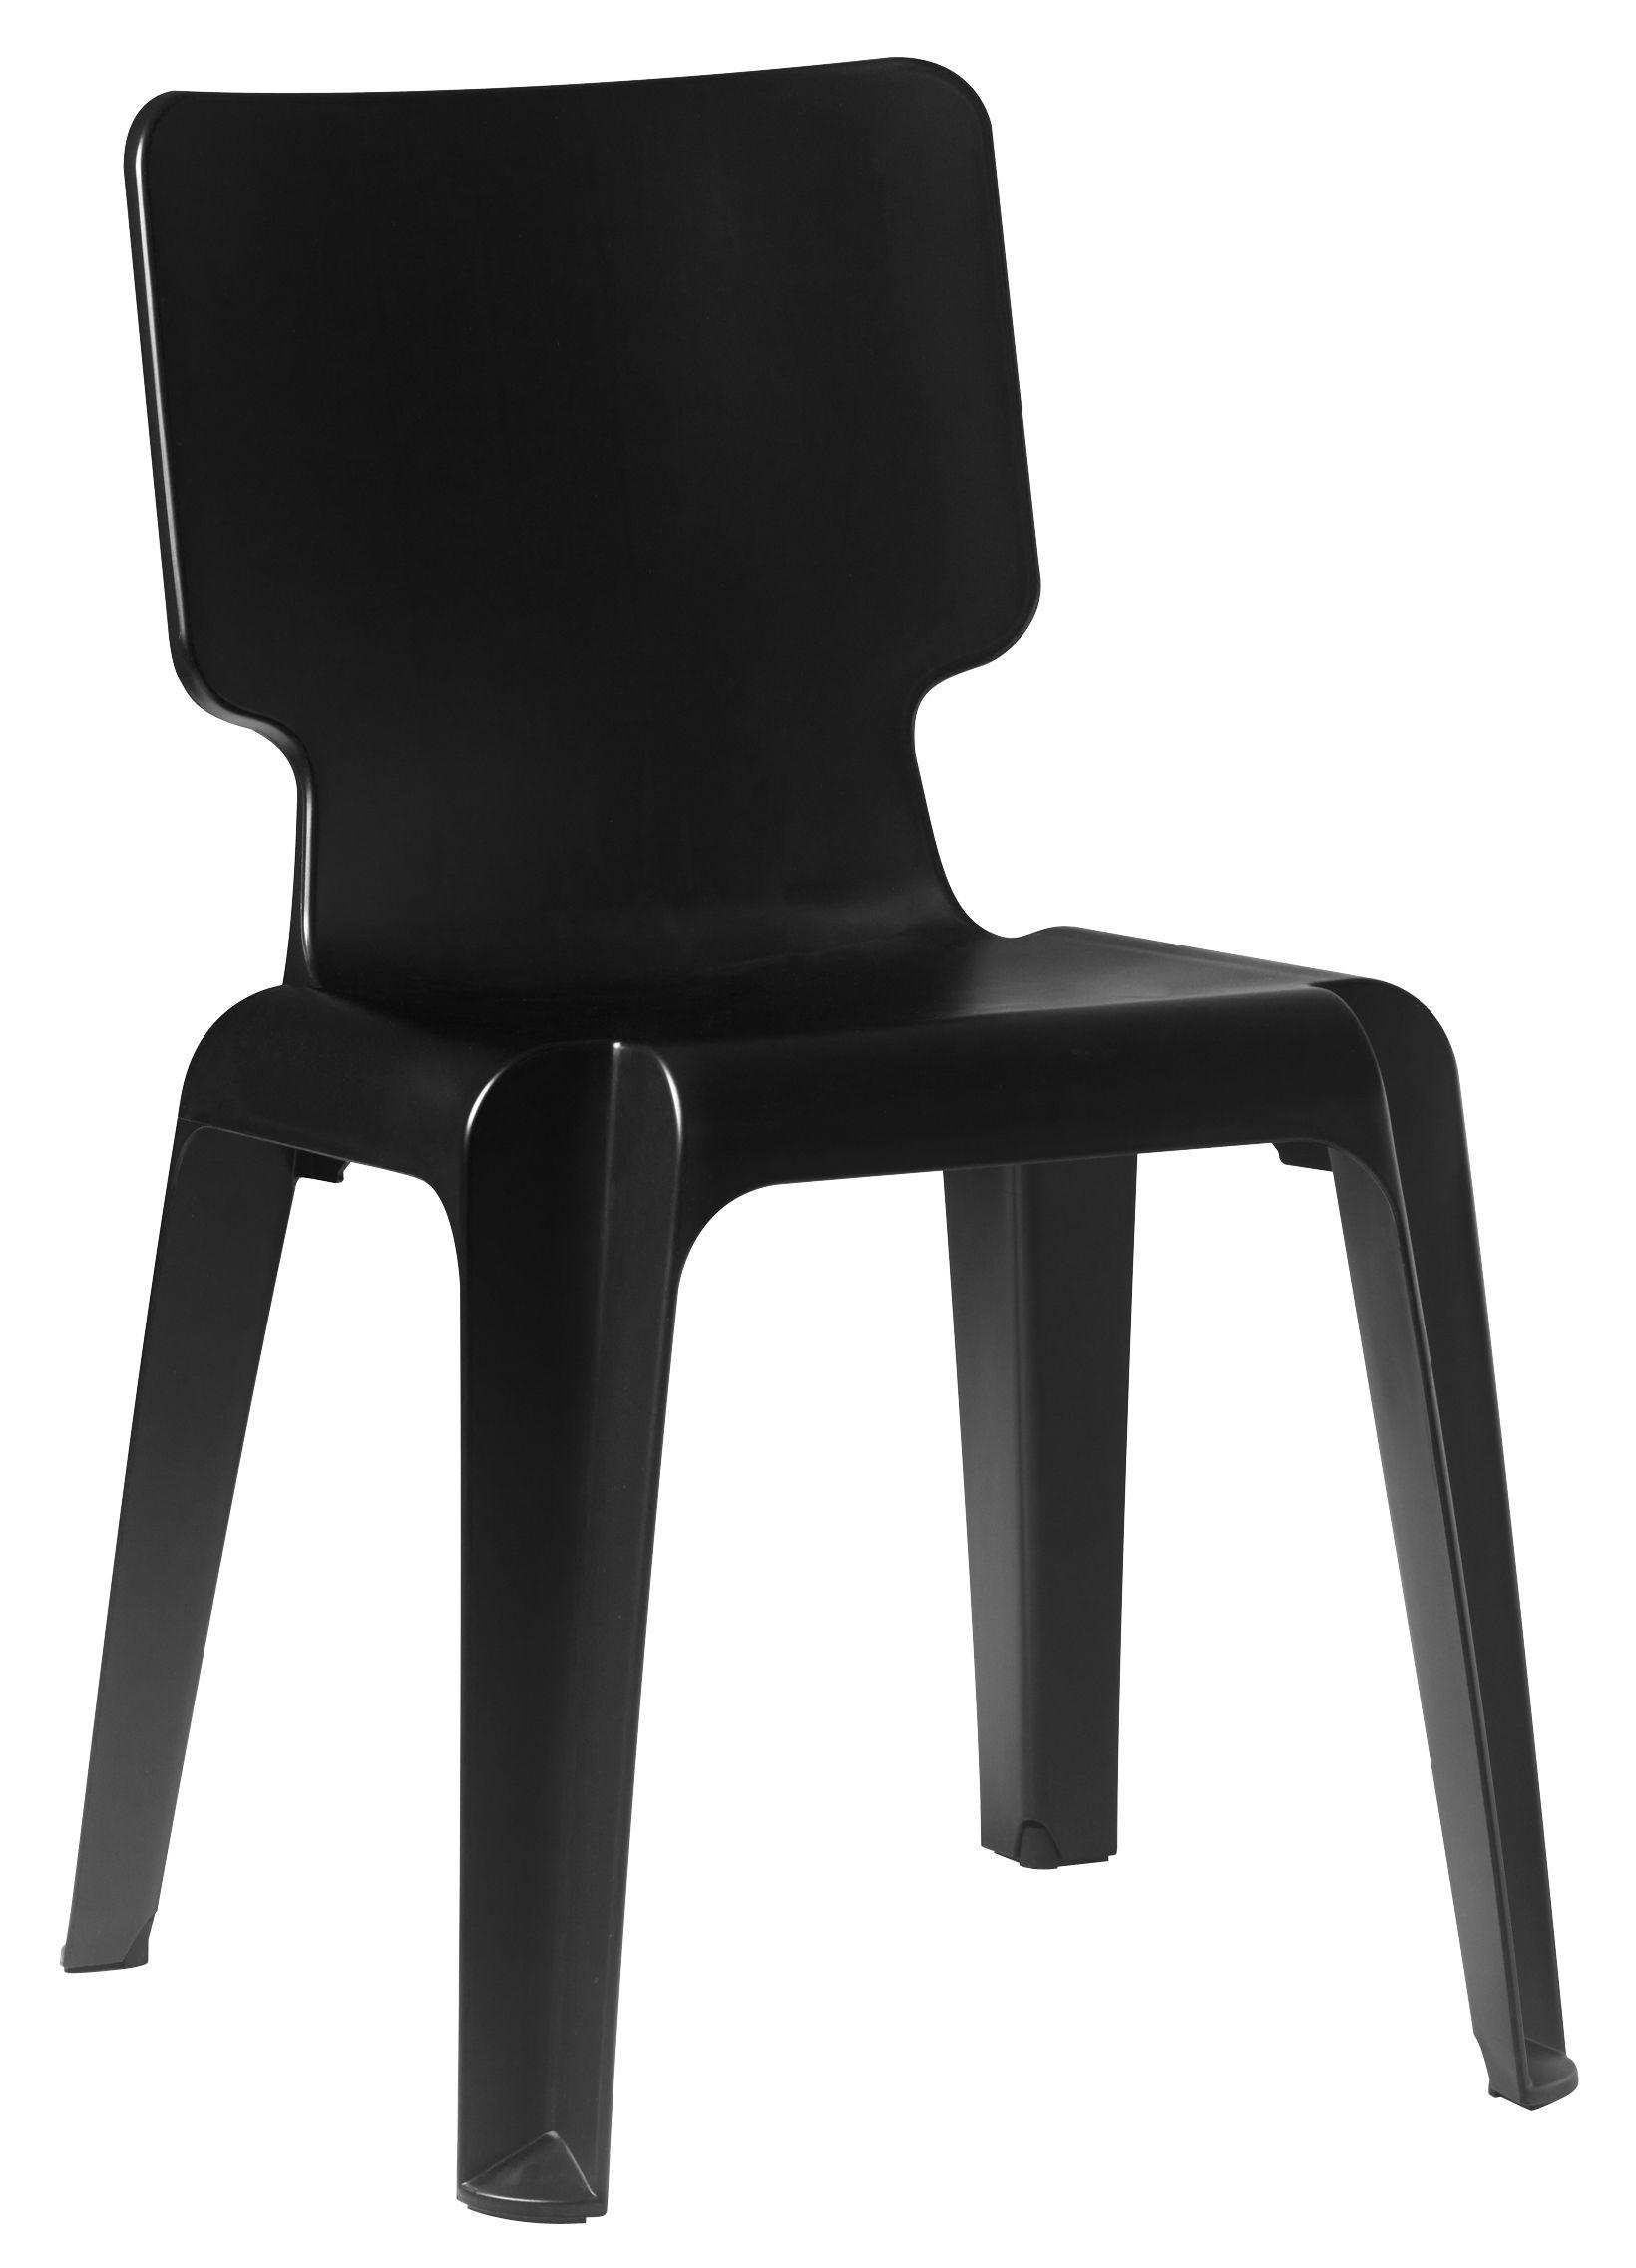 Mobilier - Chaises, fauteuils de salle à manger - Chaise Wait - Authentics - Noir - Polypropylène